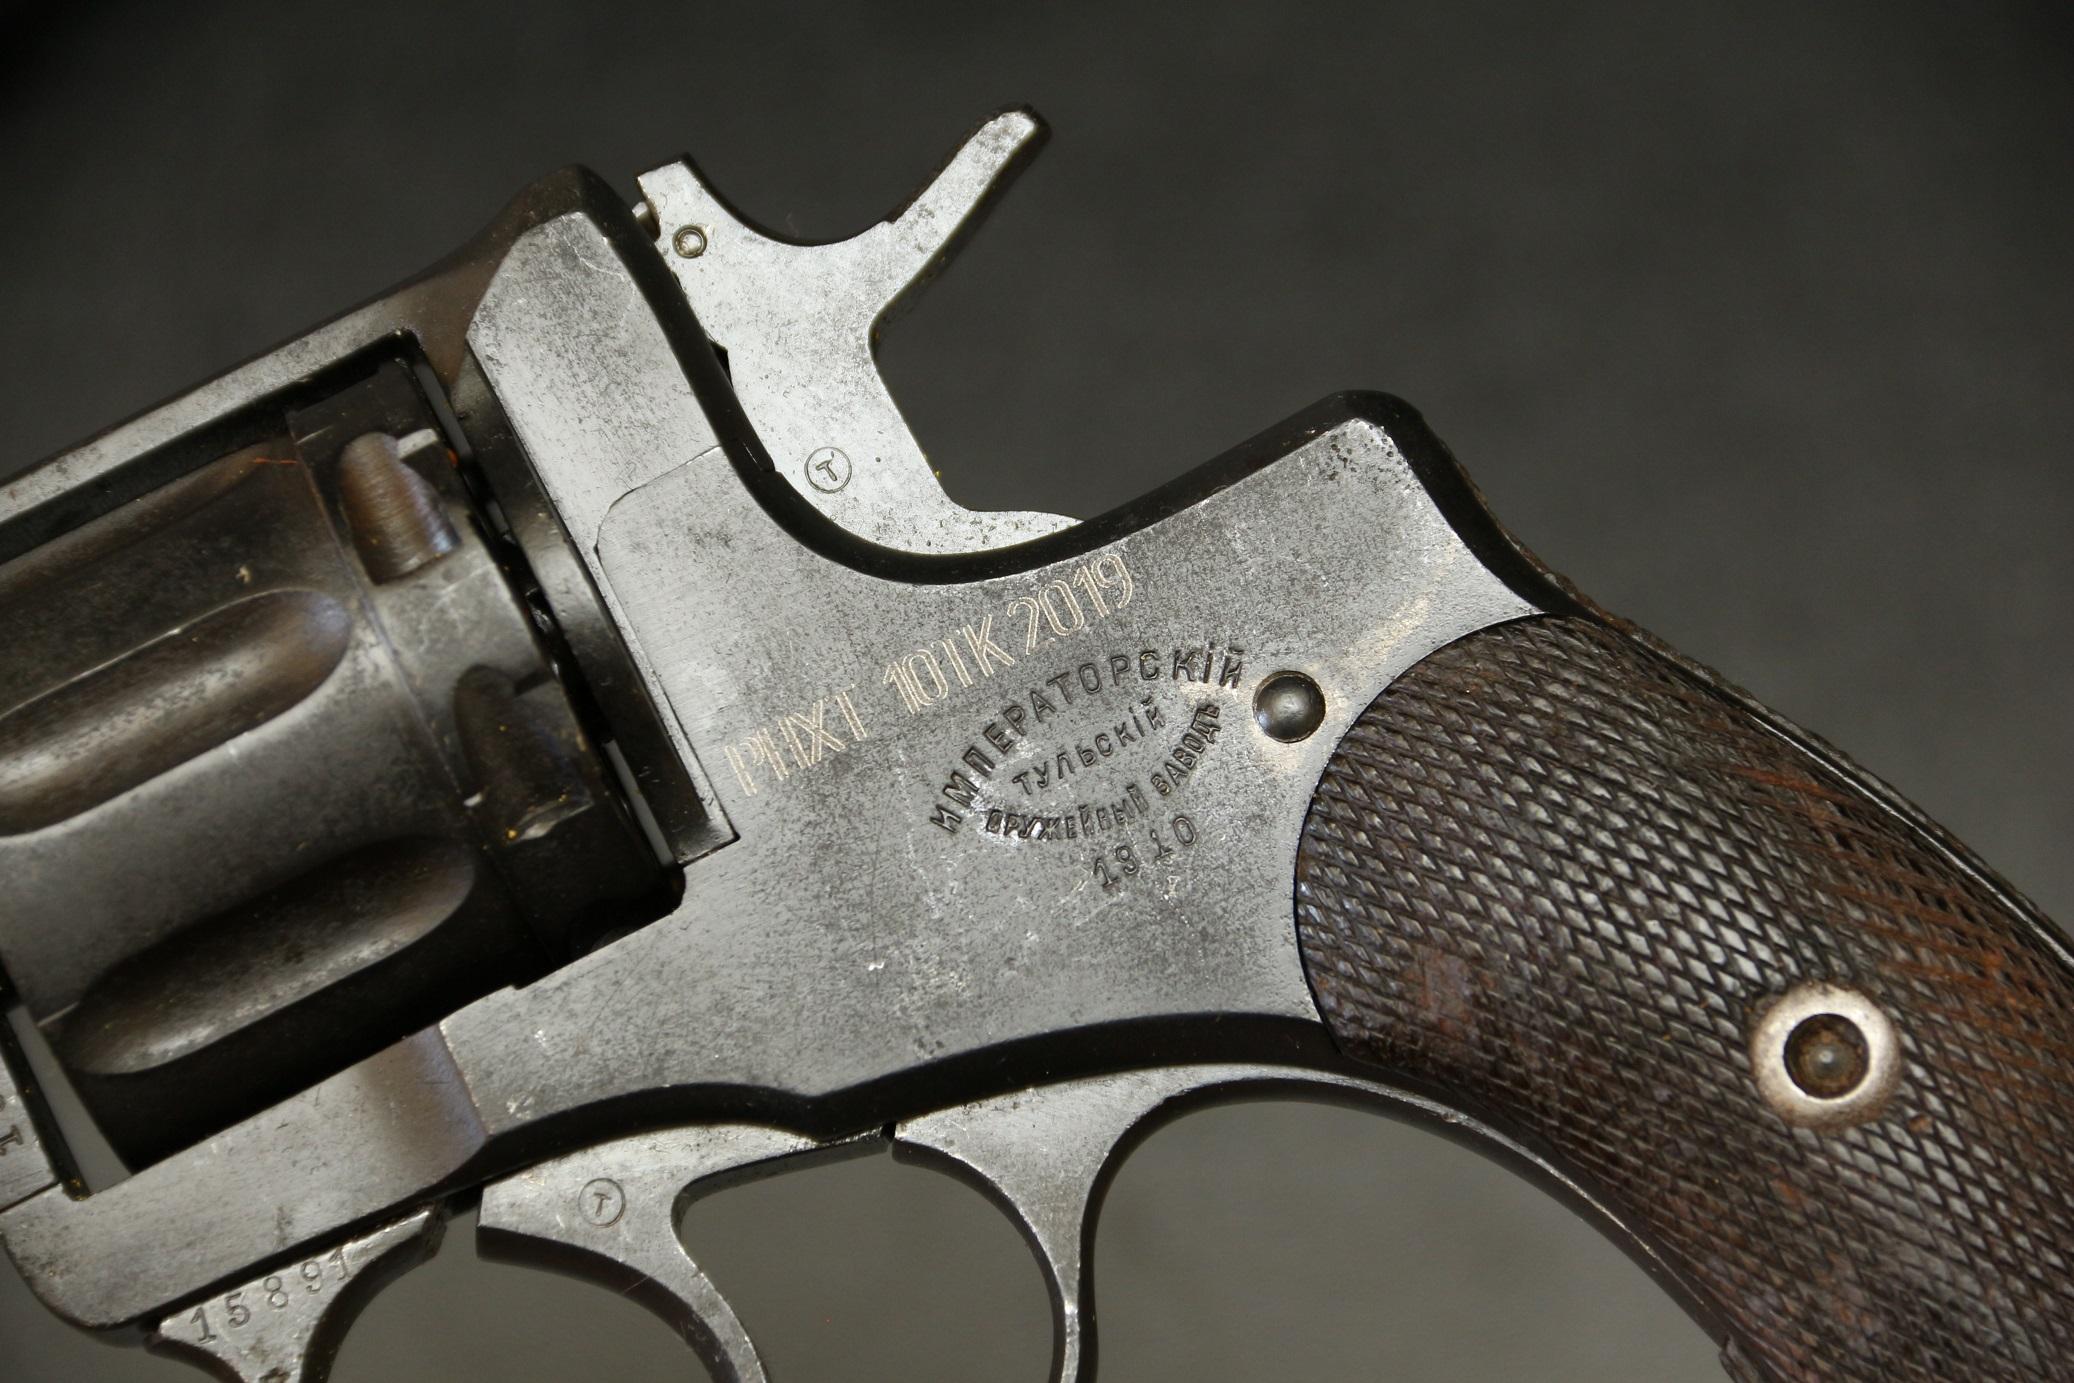 Охолощенный револьвер Наган 1910 года №15891, царский, состояние